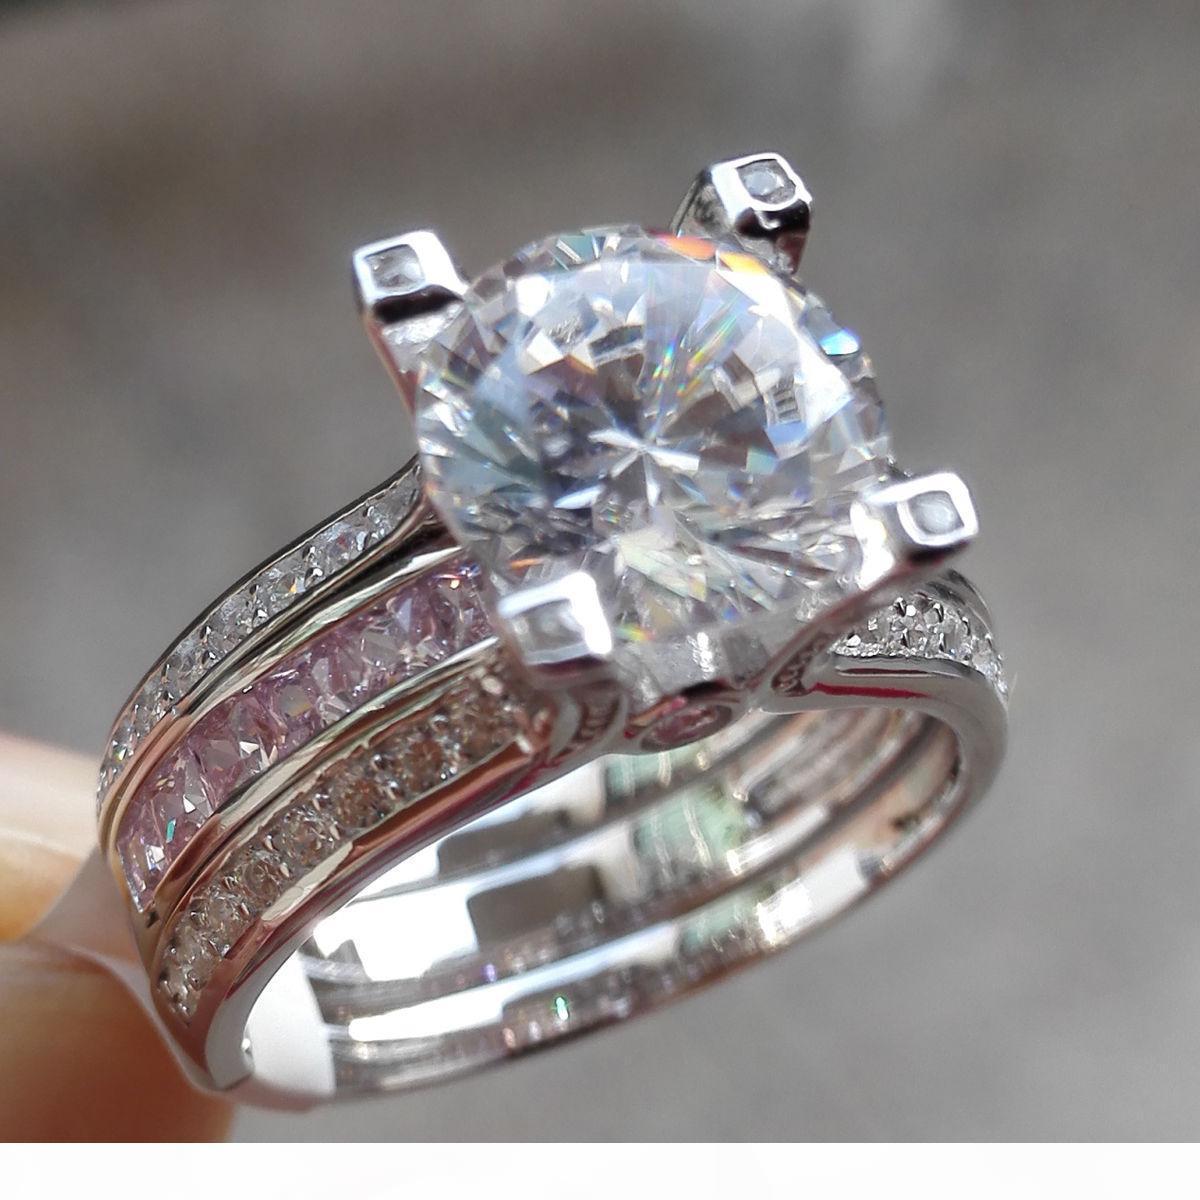 Gioielli Victoria Wieck Choucong Moda 10KT oro bianco riempito Roud taglio zaffiro rosa CZ pietra preziosa del diamante aggancio di cerimonia nuziale regalo Anello Donne